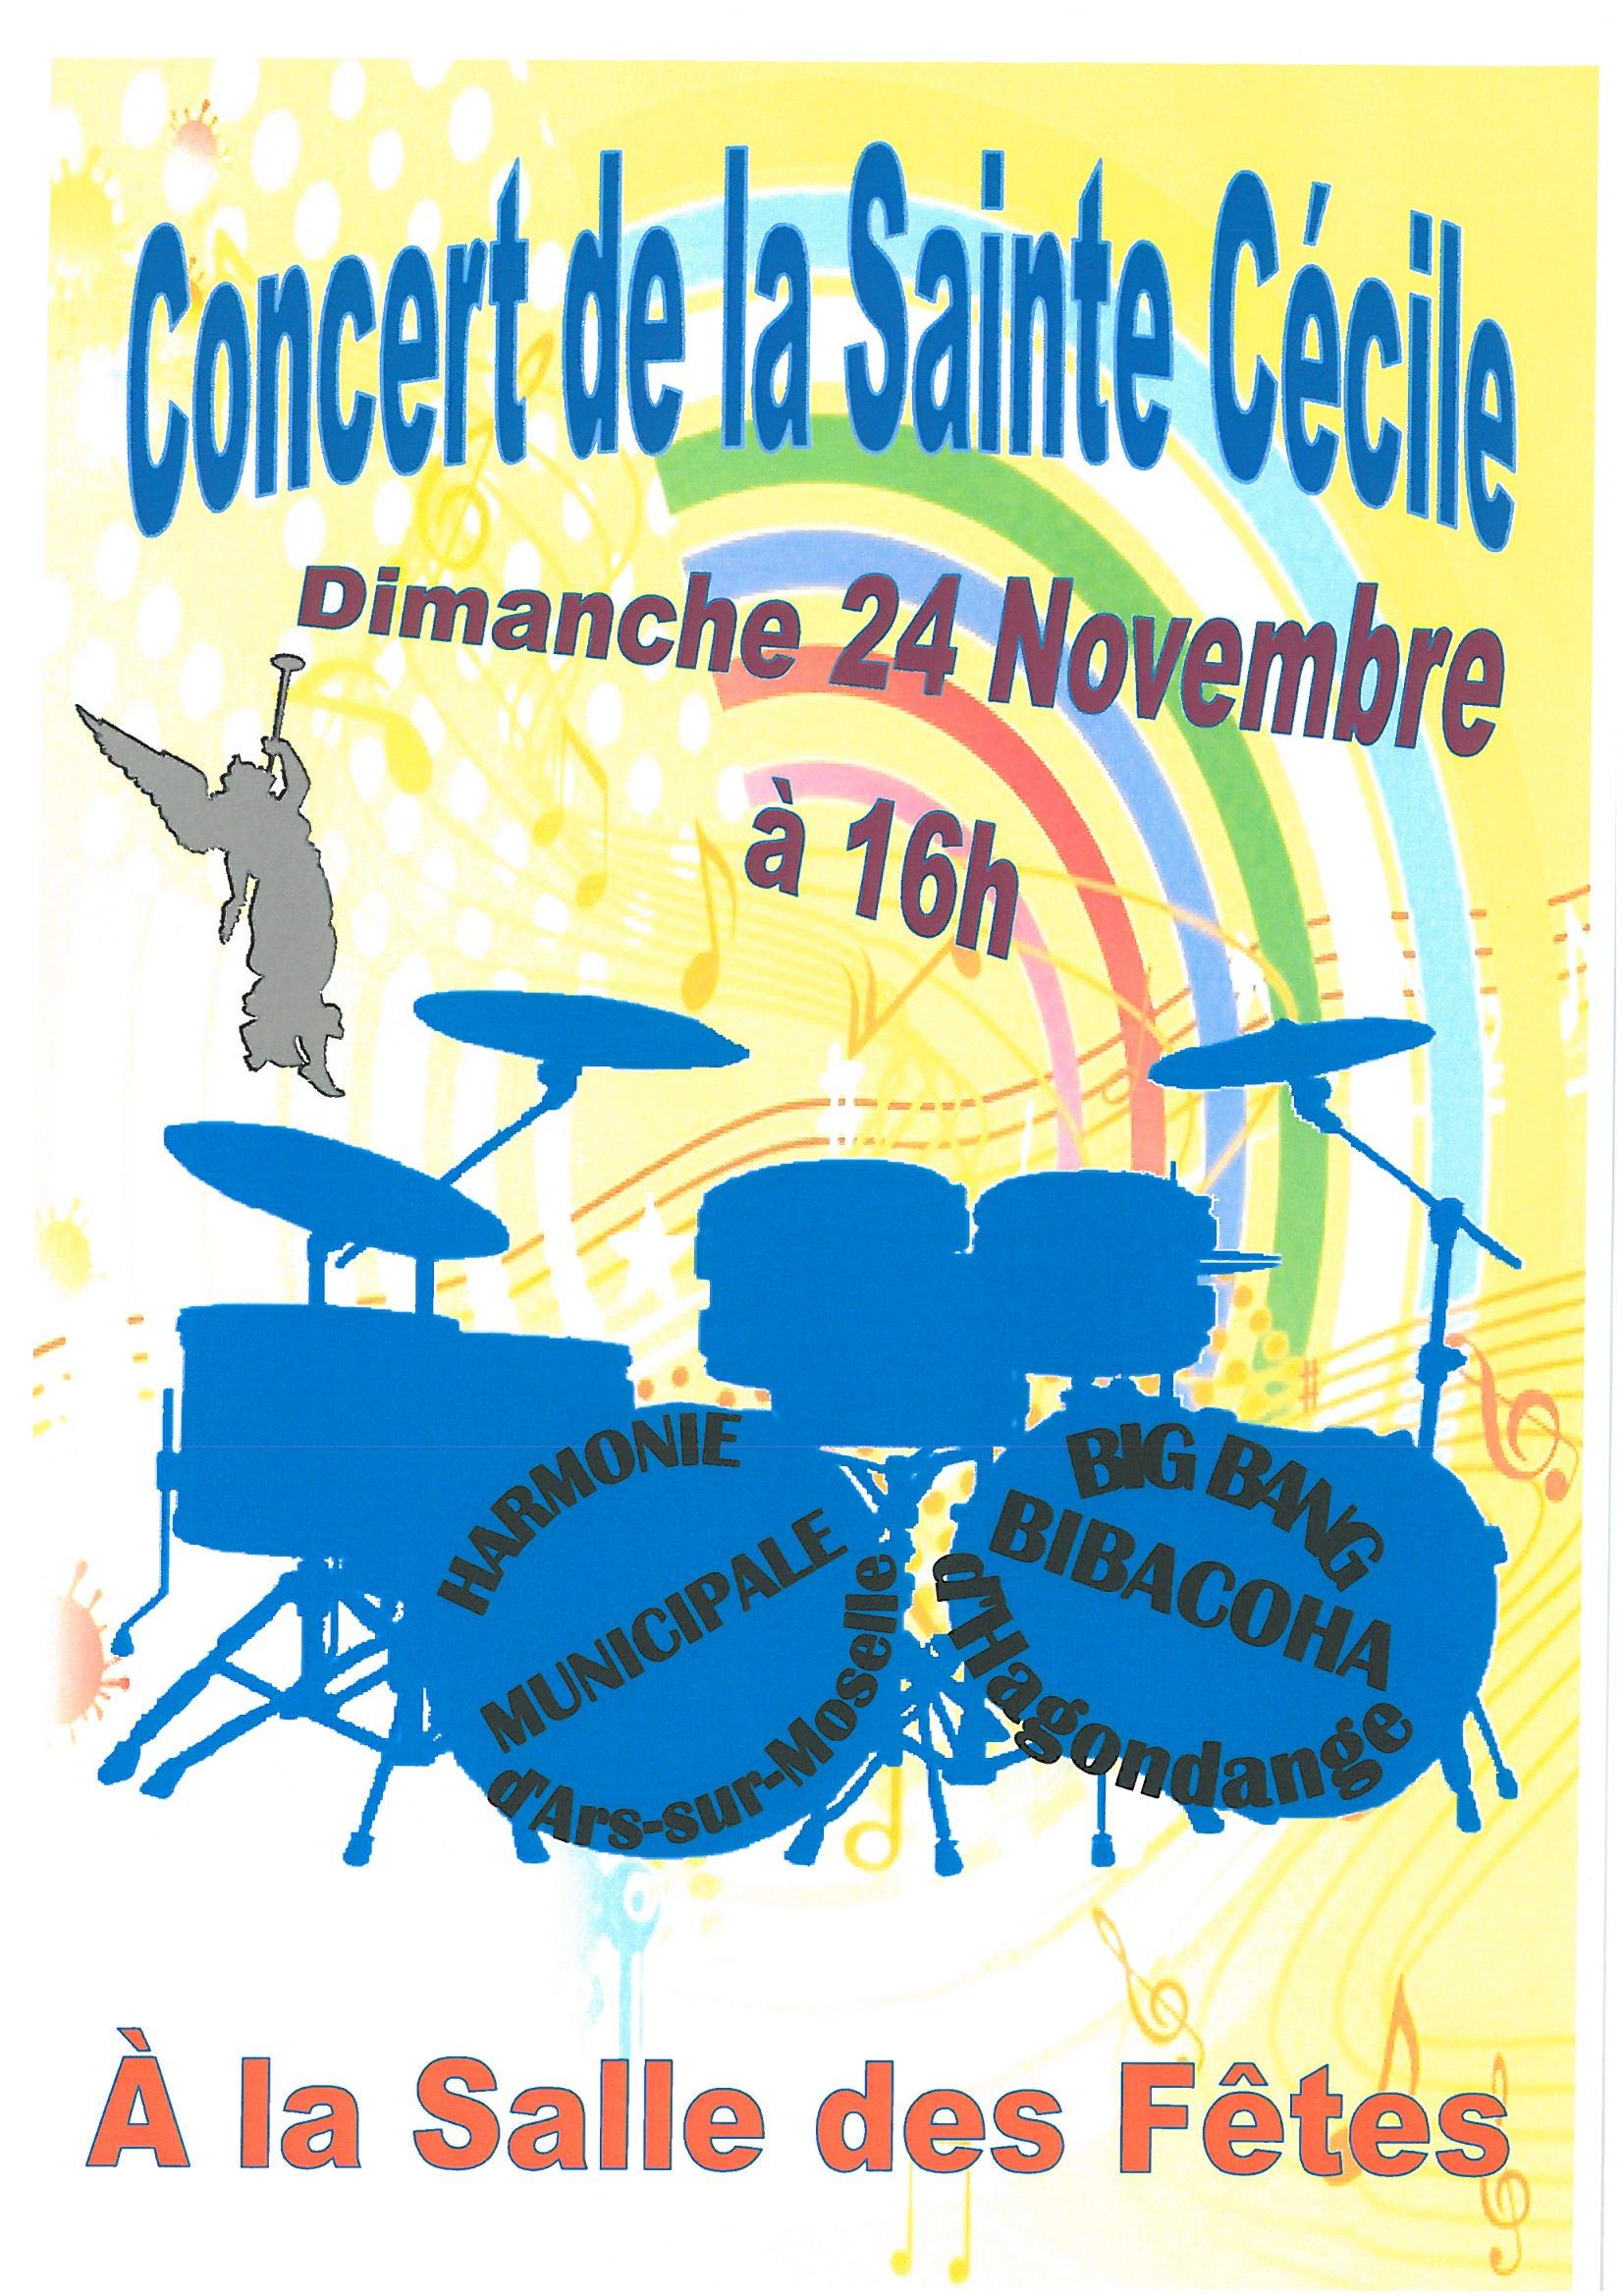 CONCERT DE LA SAINTE CECILE dimanche 24 novembre